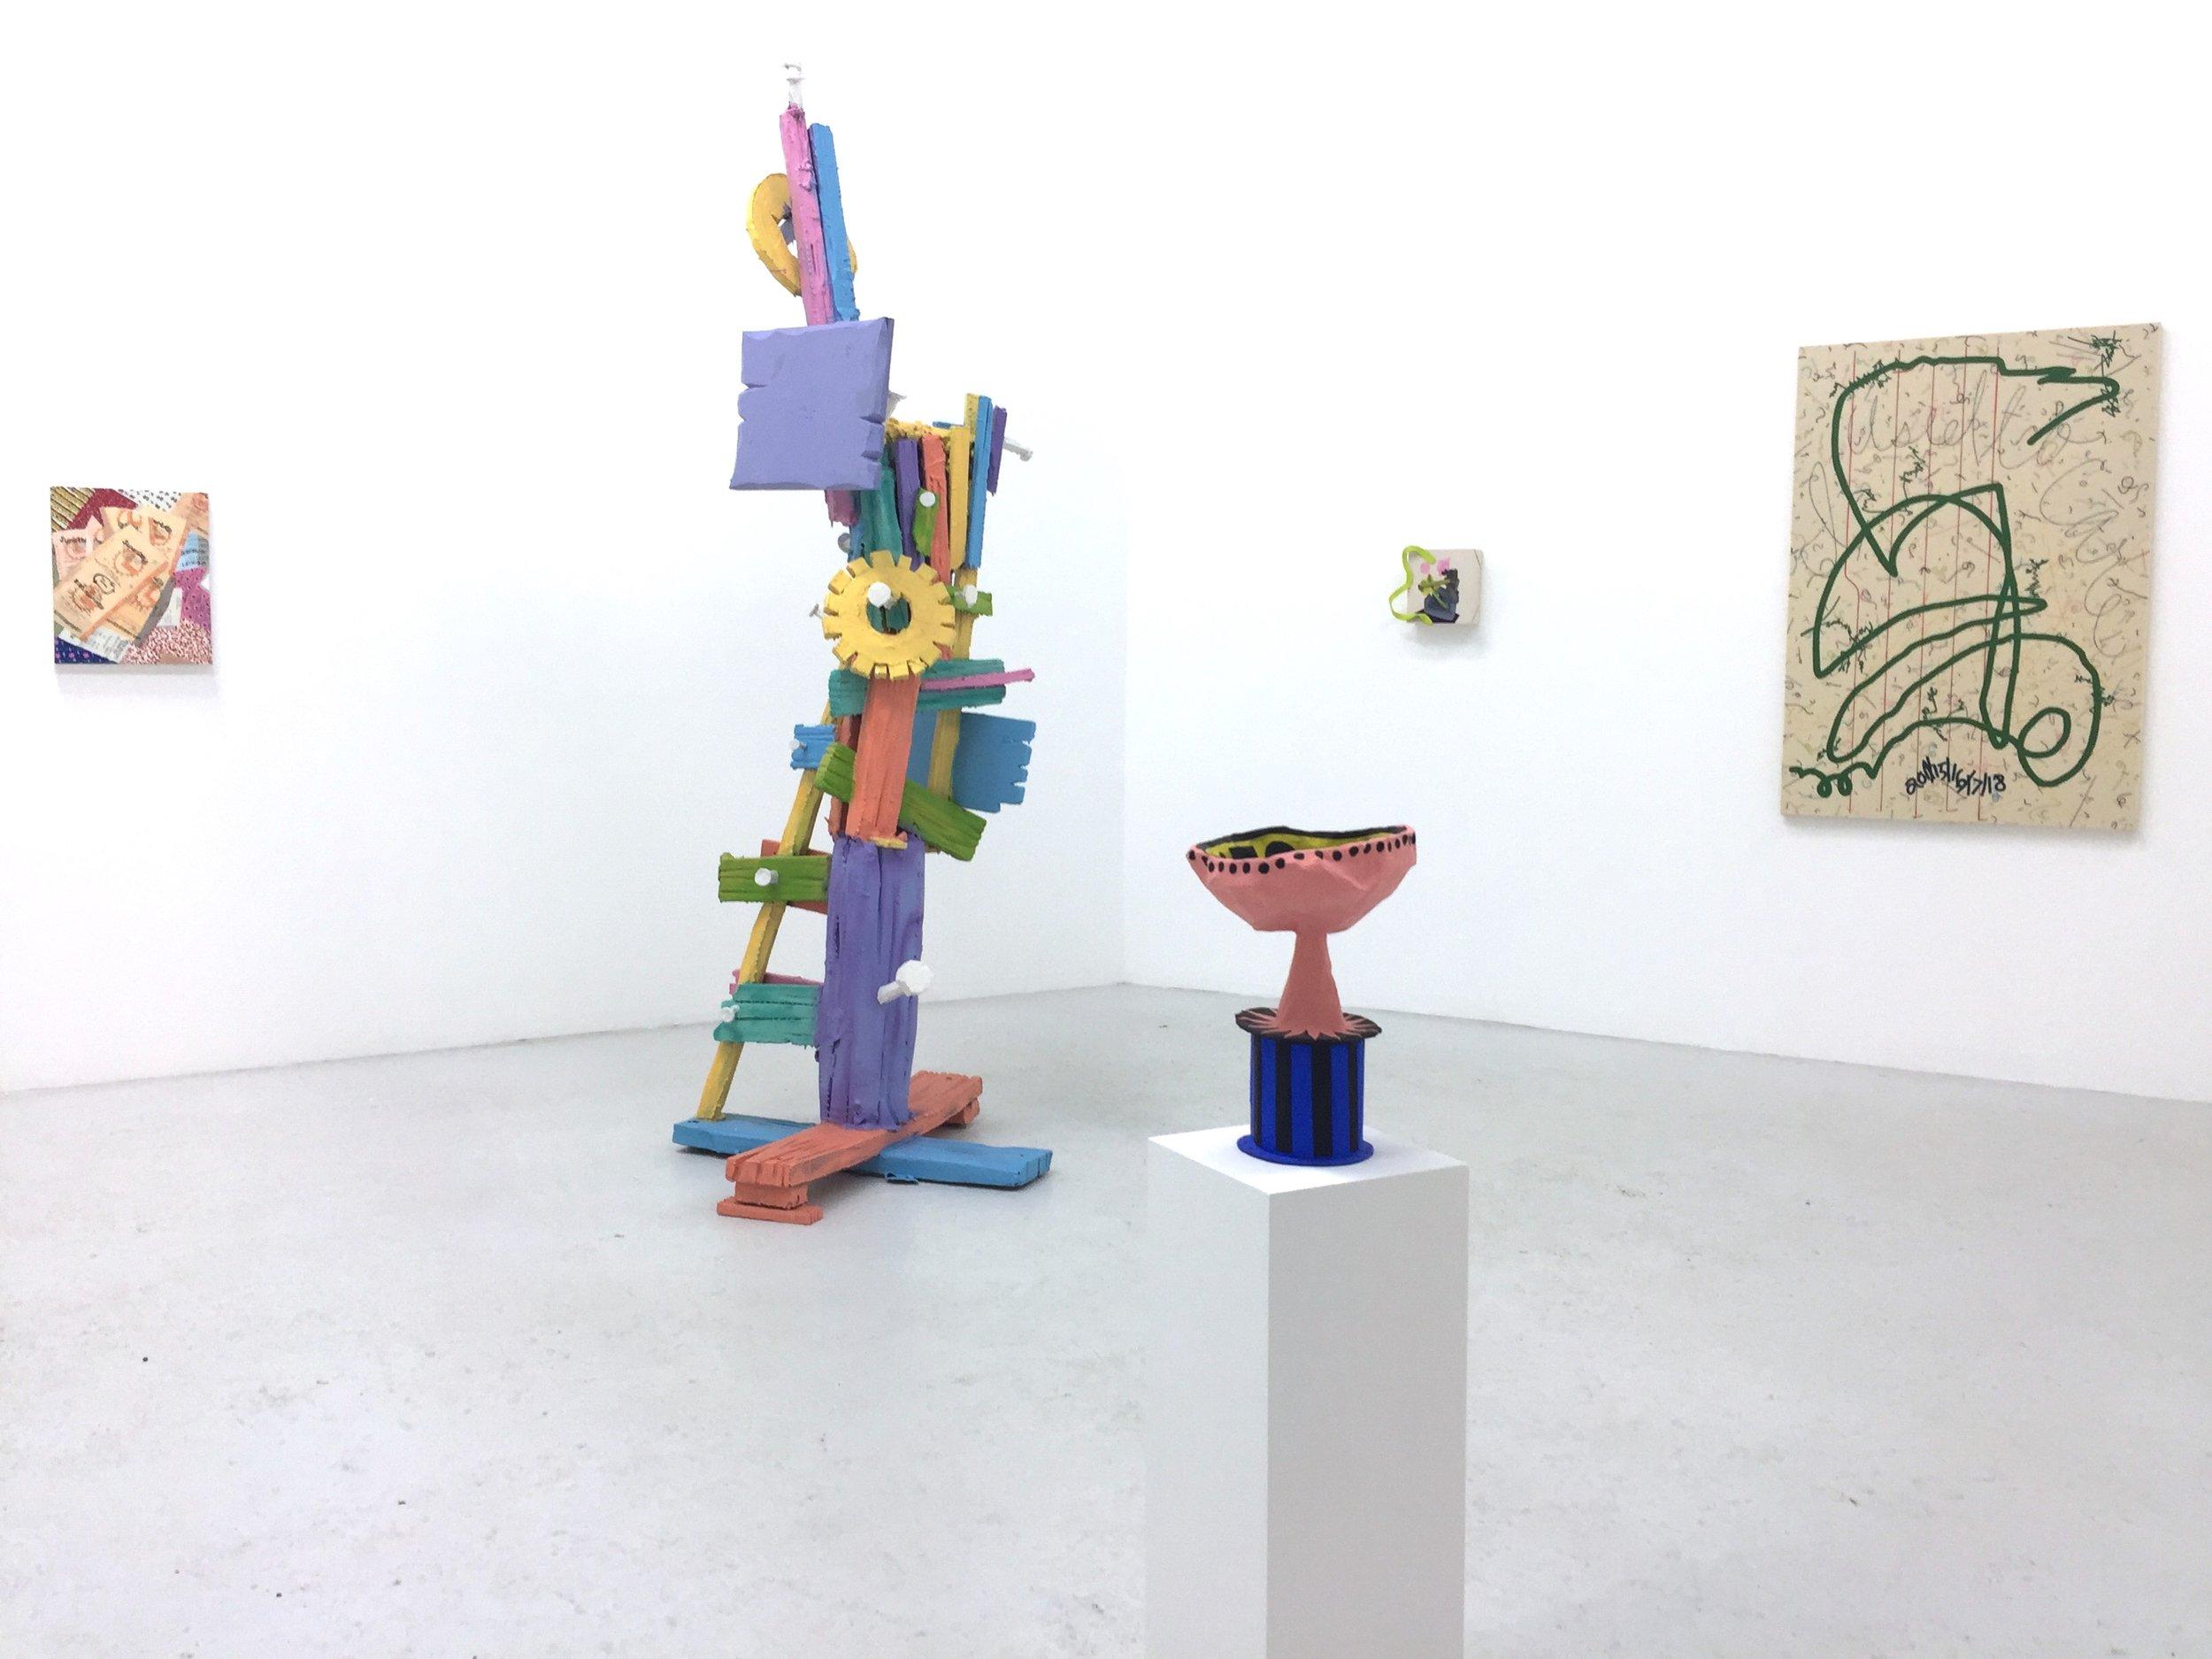 Landfill/Bedrock  at Guerrero Gallery